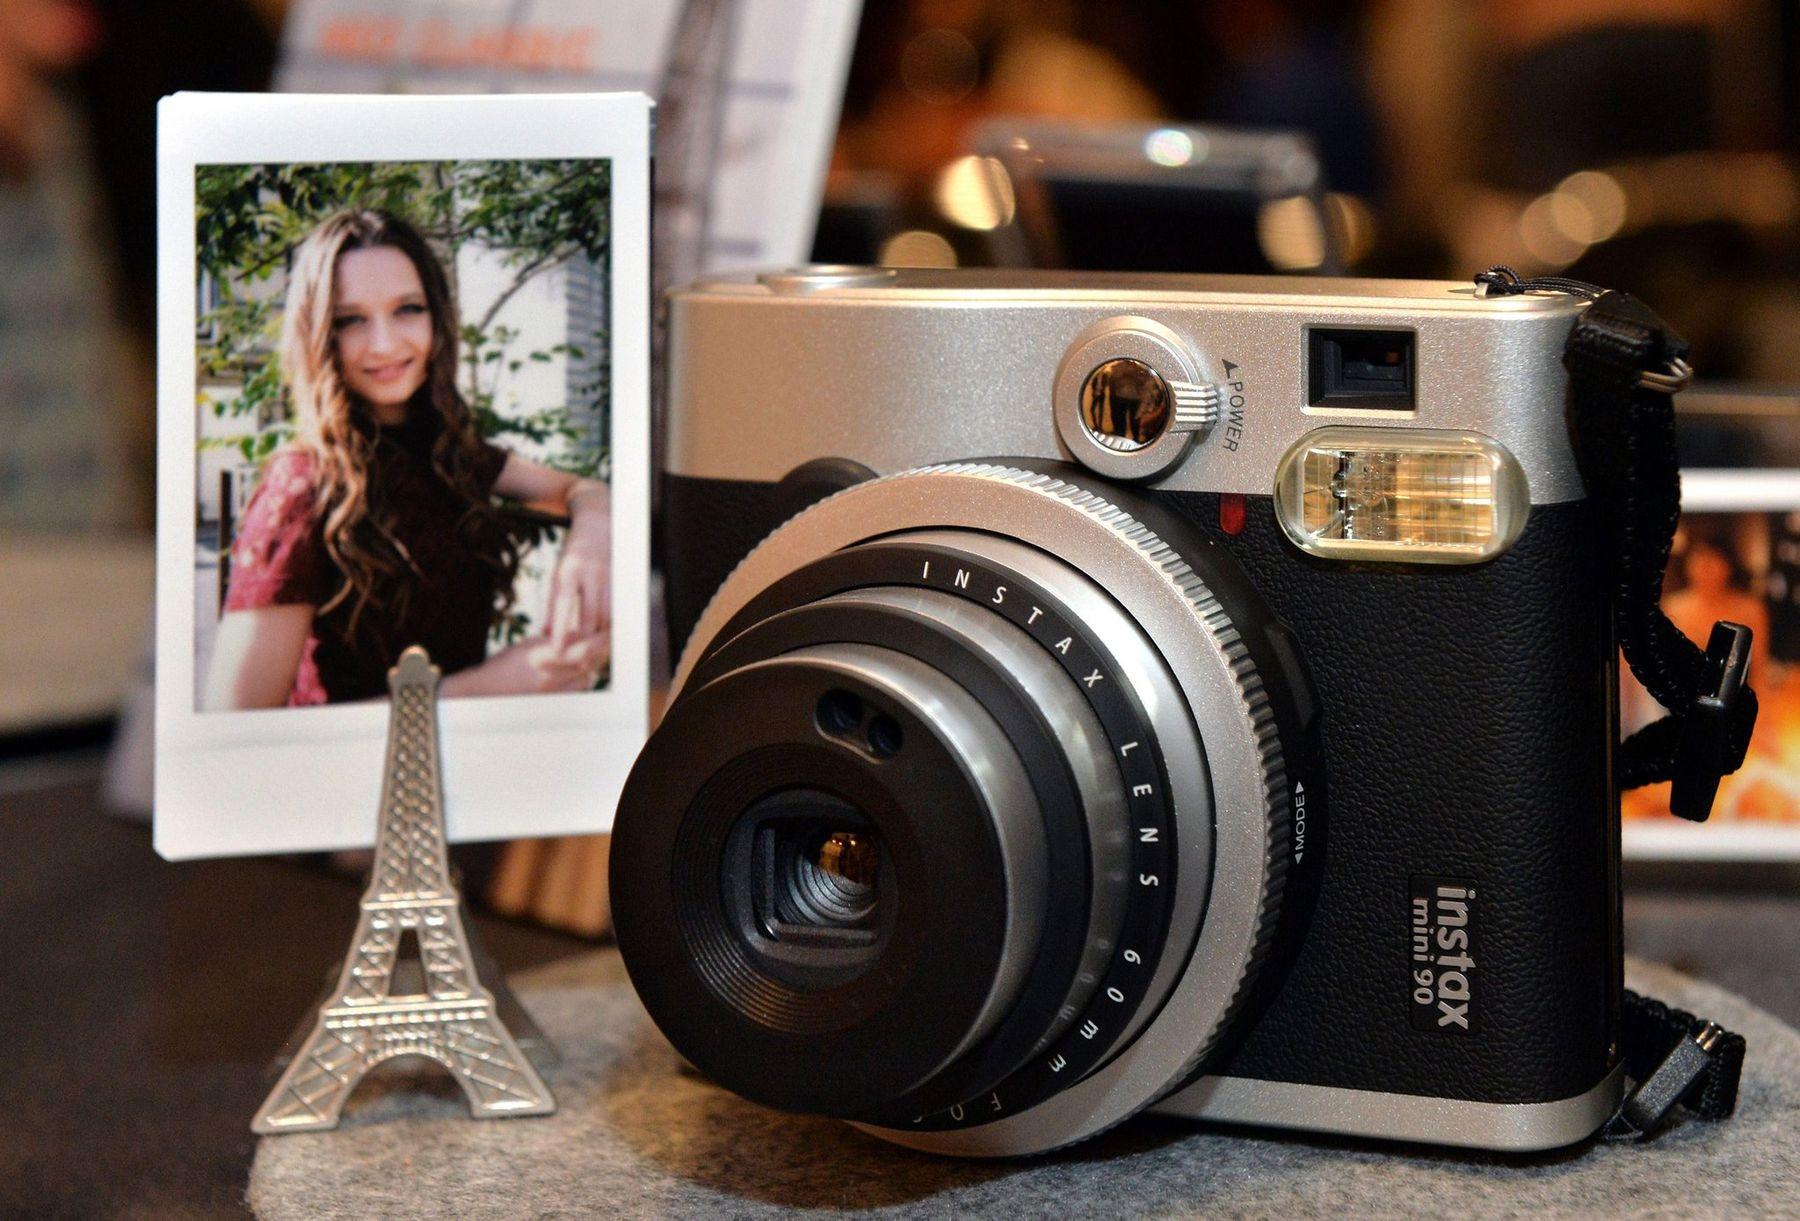 Tặng máy ảnh nếu bạn trai của bạn yêu thích chụp ảnh